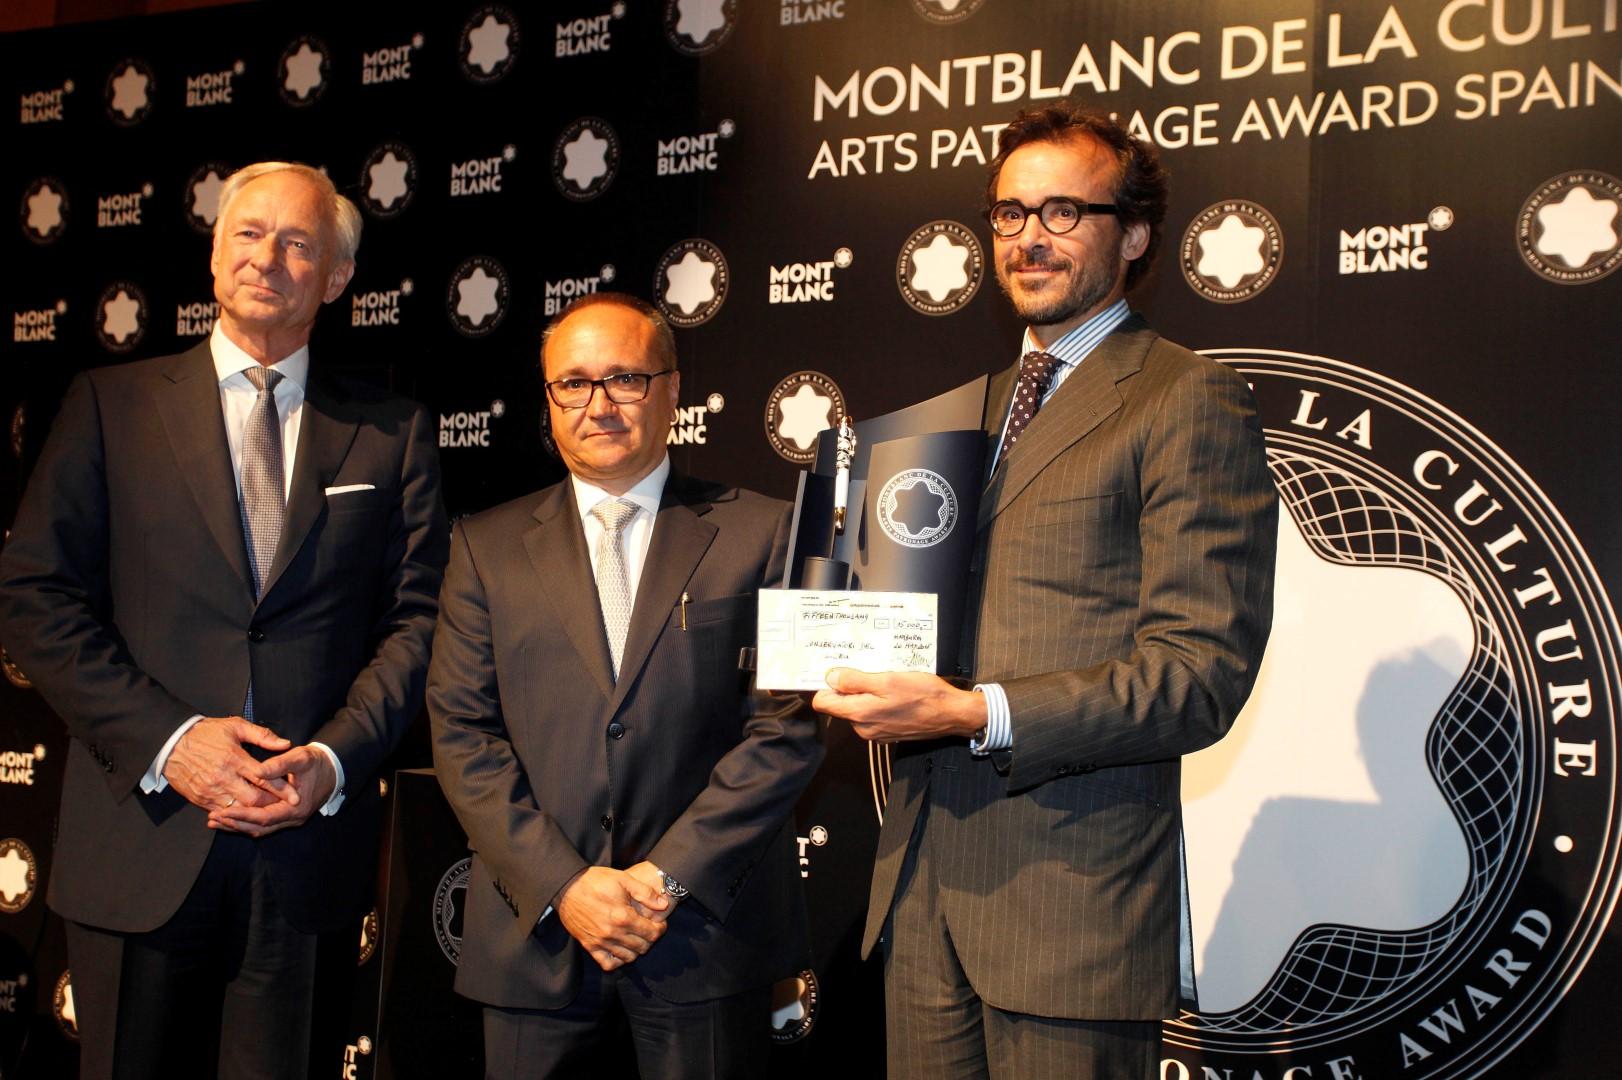 Lutz Betghe,presidente de la Fundación Montblanc de la Culture, Francesc Carmona, director general Montblanc Iberia y Sergi Ferrer-Salat